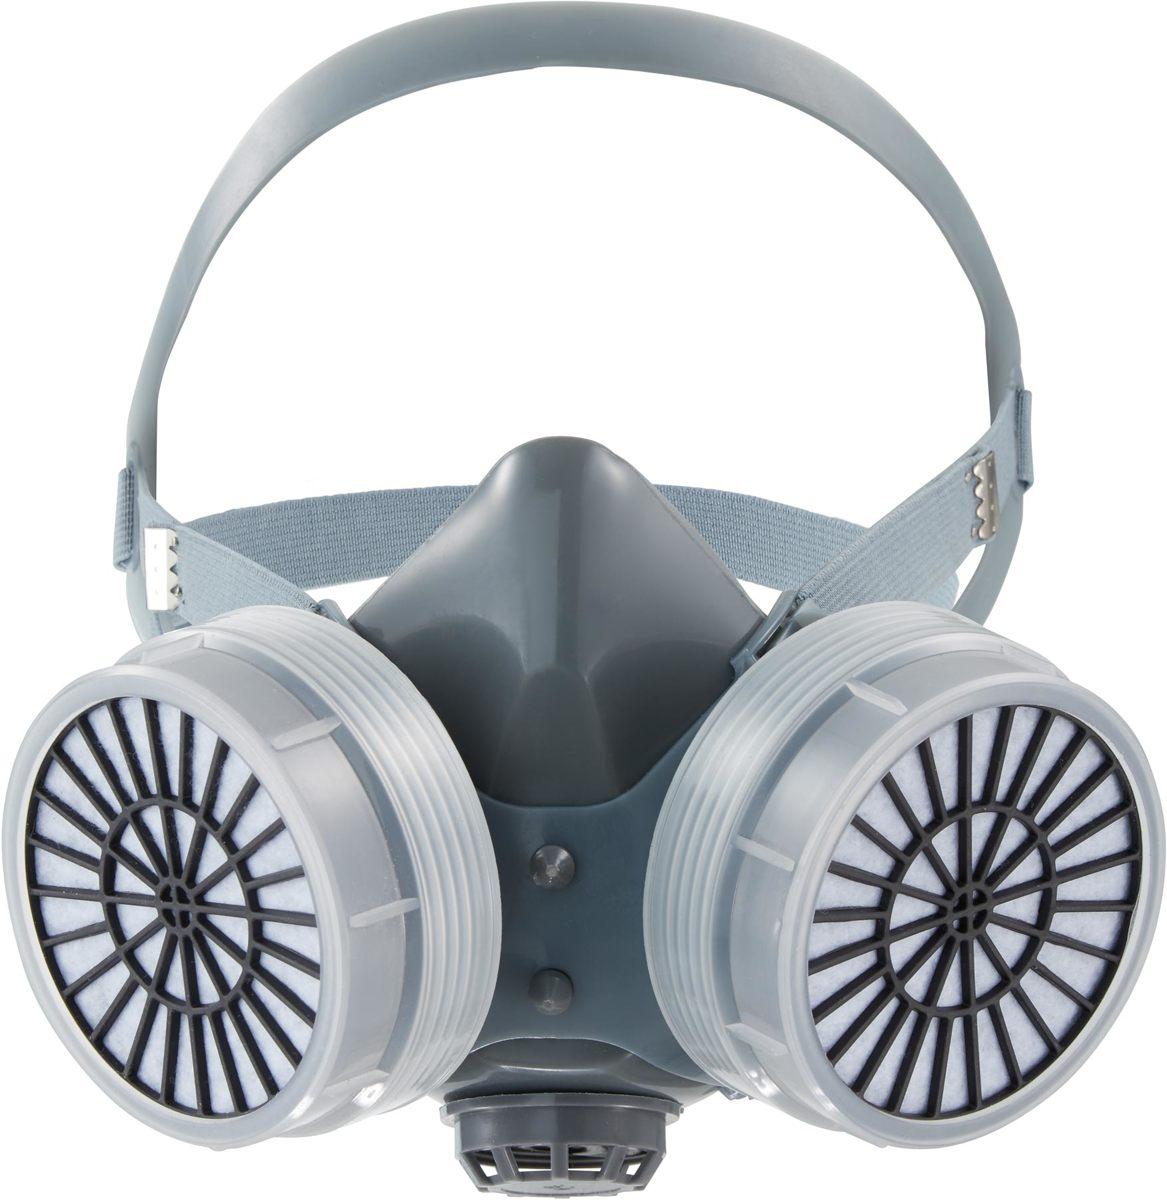 Stofmasker verfmasker spuitmasker koolstoffilter 400208 kopen